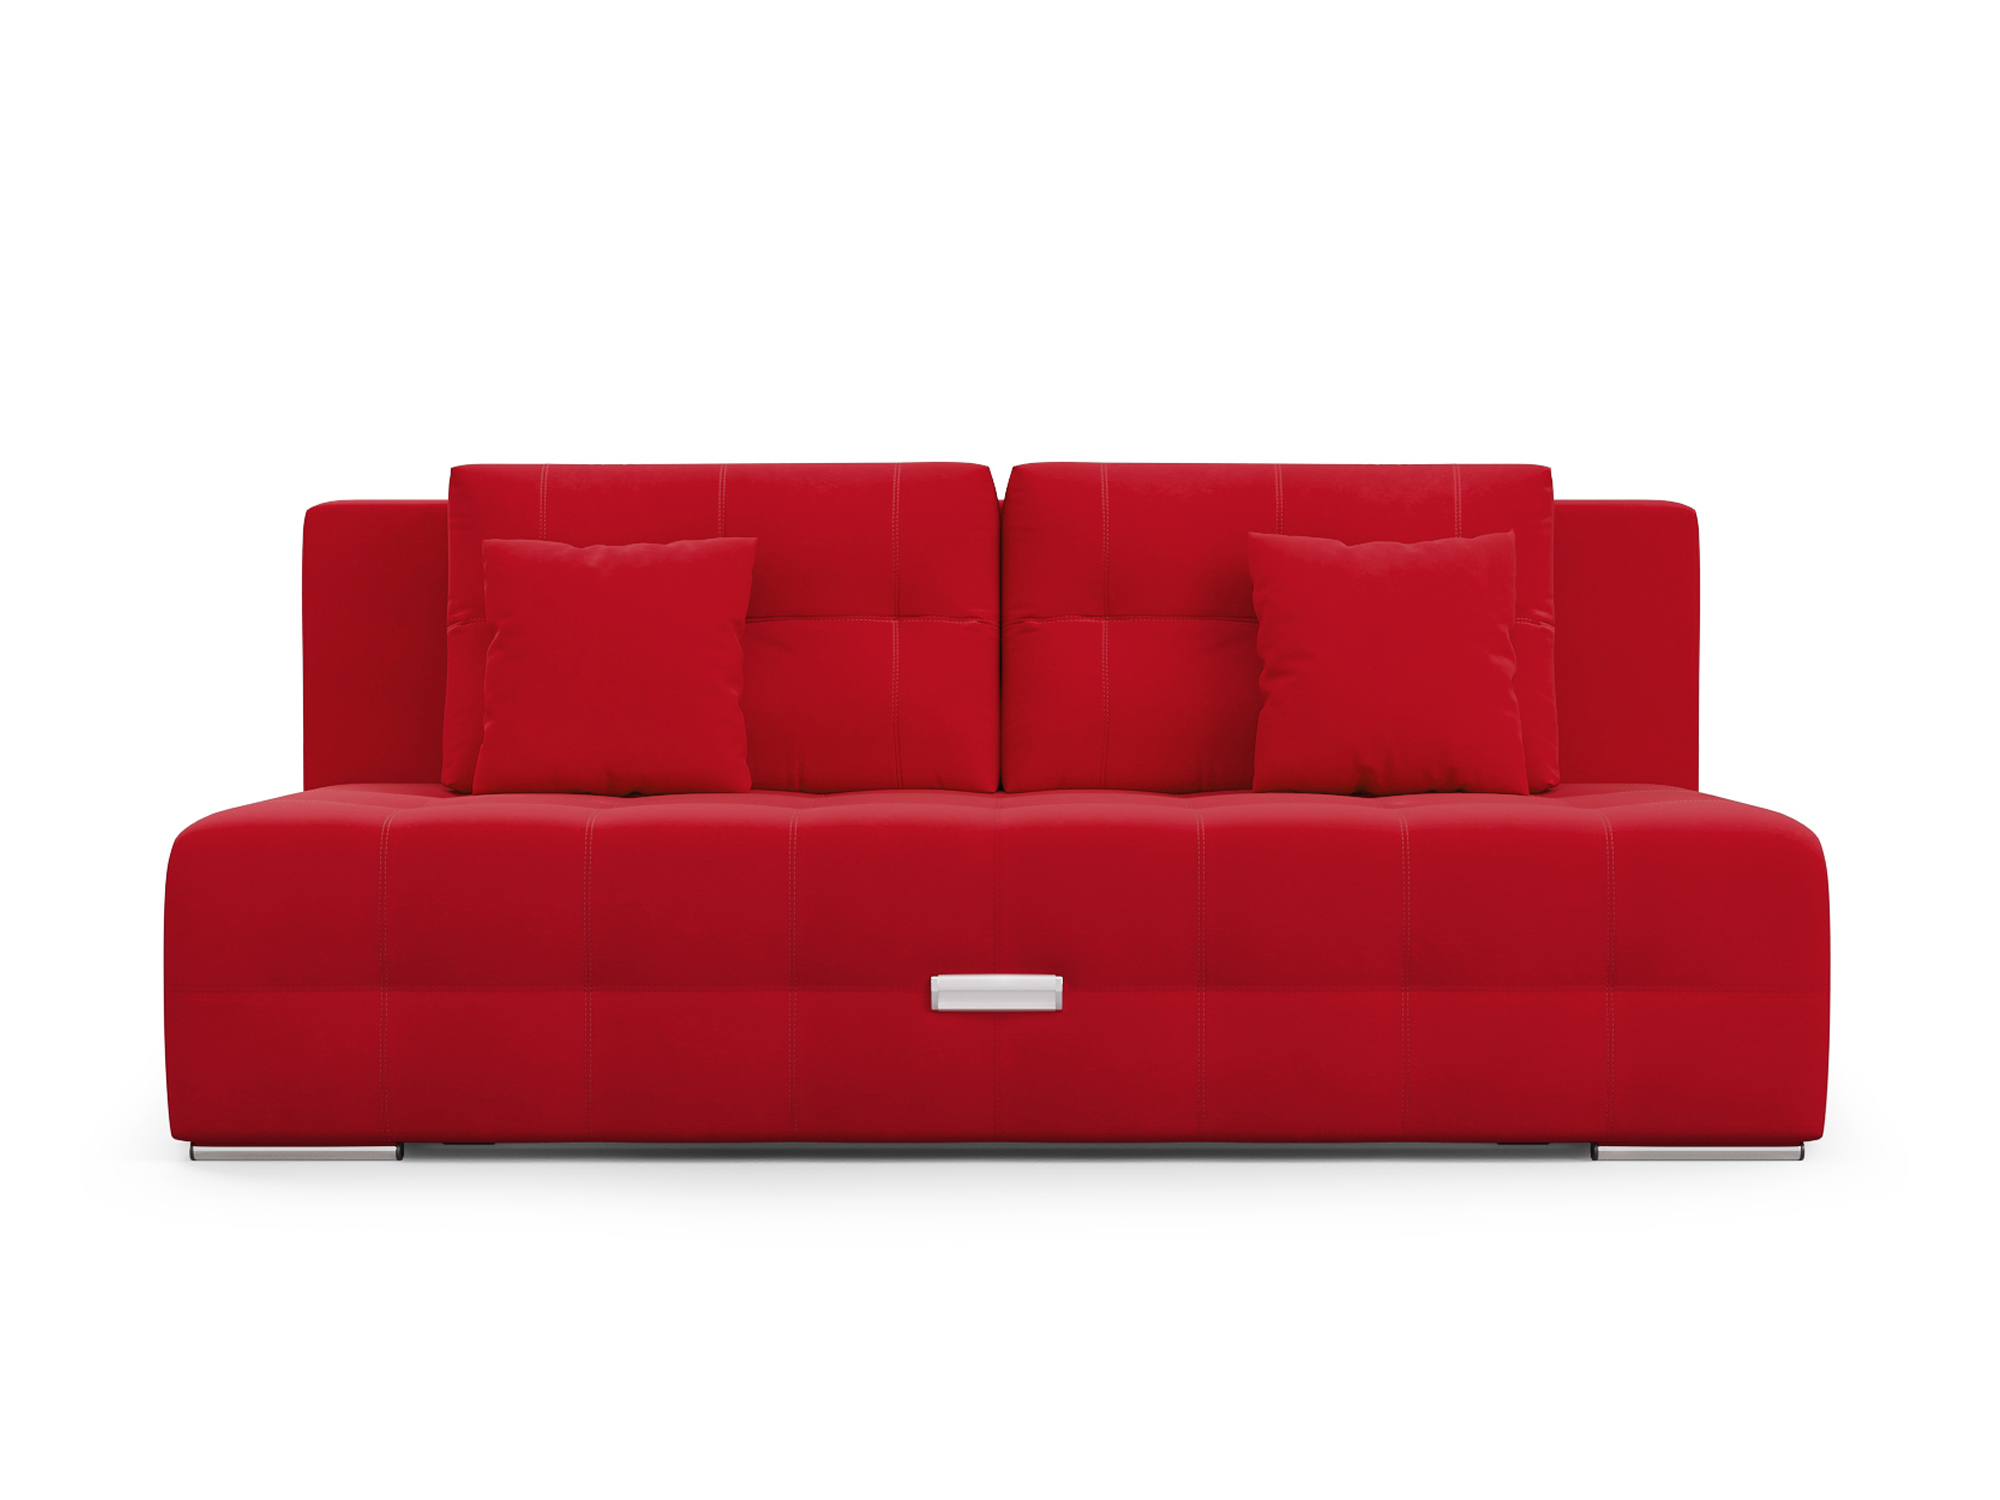 Фото - Диван Марсель MebelVia Красный, Микровелюр, Брус сосны диван мальтида mebelvia красный микровелюр брус сосны